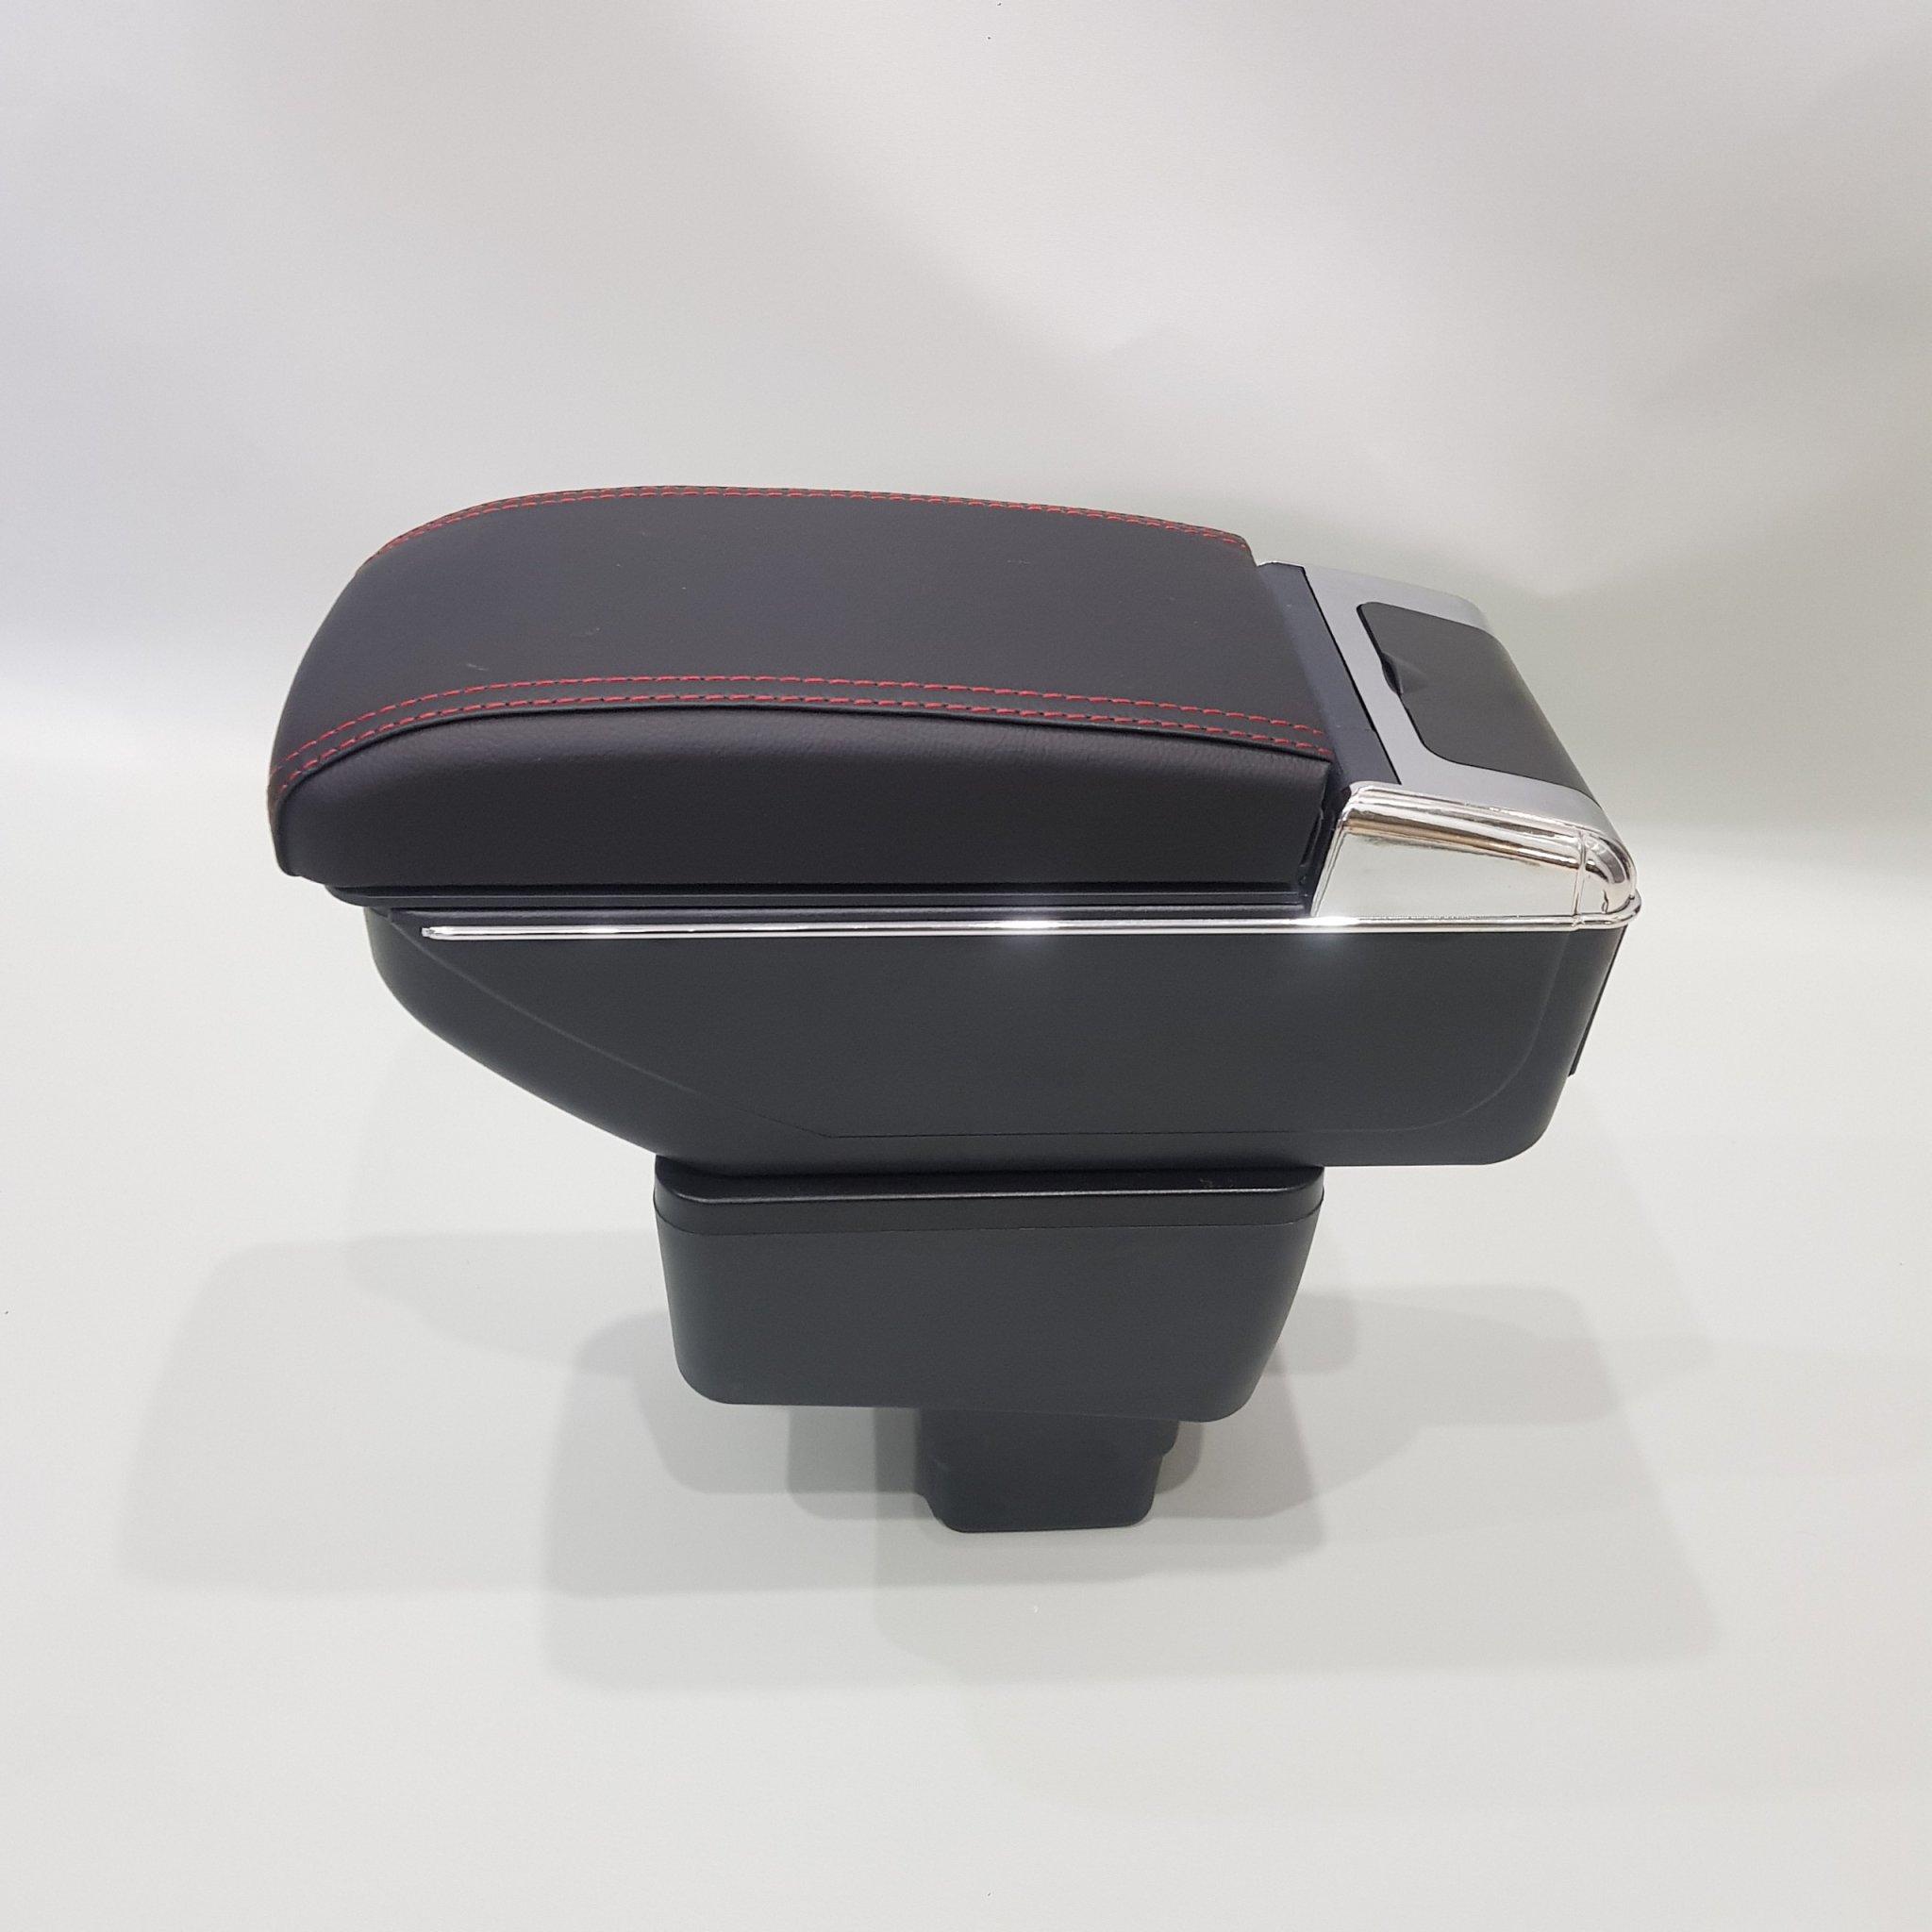 Hộp tỳ tay theo xe dành cho xe Mazda 2 Cao cấp